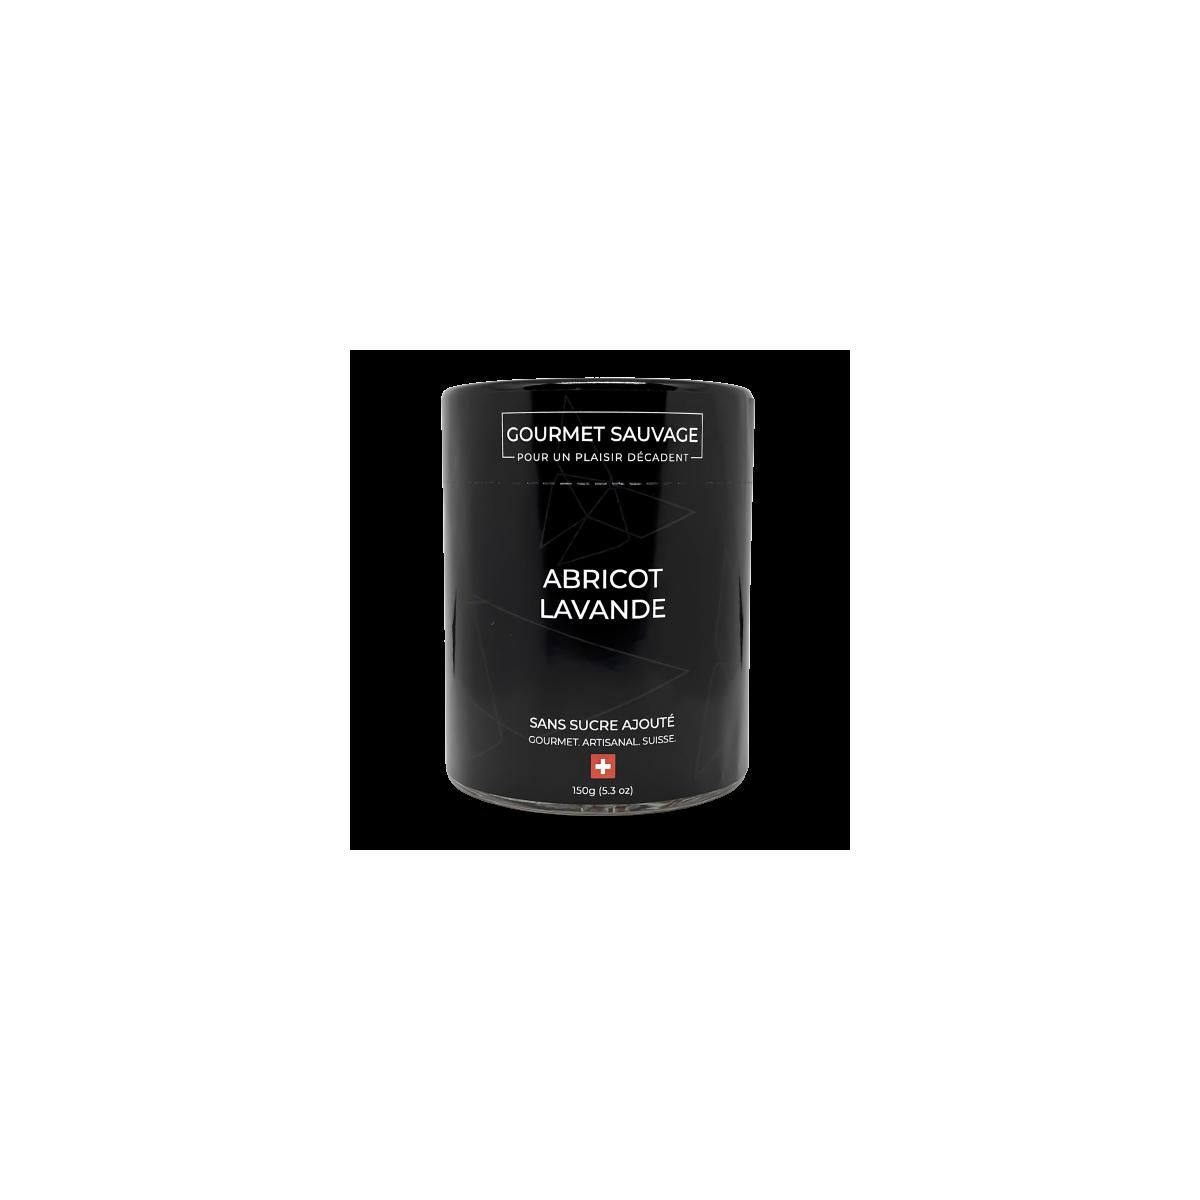 Confiture Abricot Lavande sans sucre - Gourmet Sauvage - Sucré - GS1